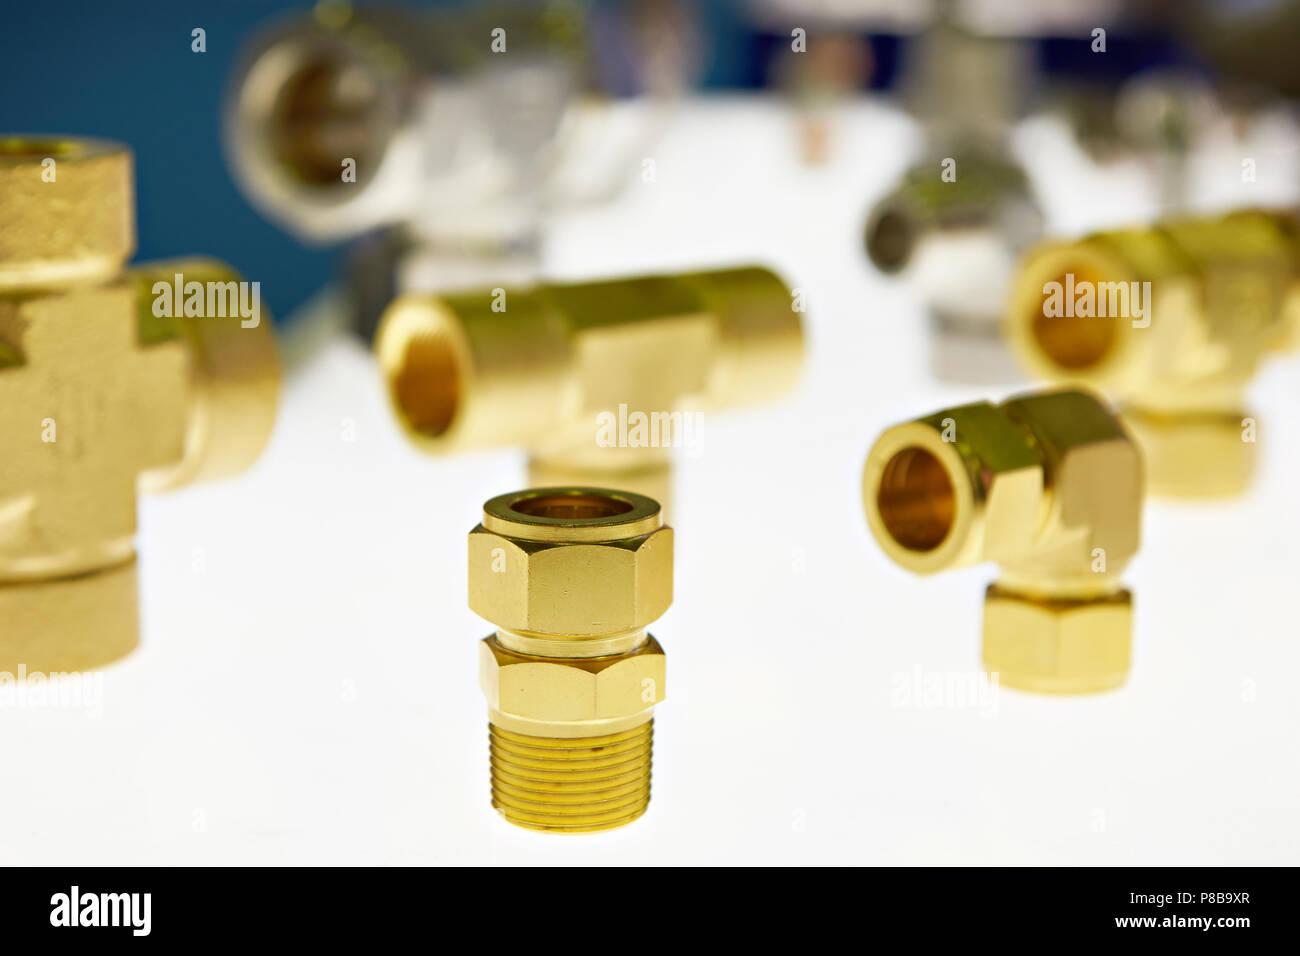 Messing Armaturen Fur Ol Und Gasindustrie Stockfoto Bild